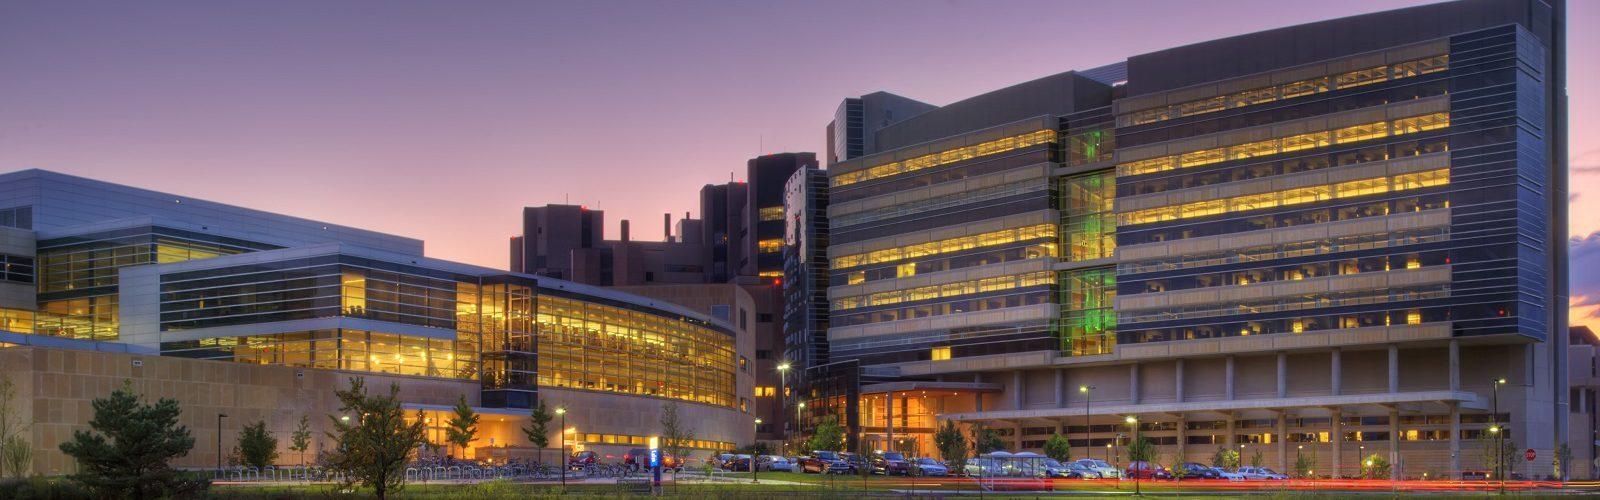 UW-WIMR_Exterior-Pond_Colleges-and-Universities_Education_ZAStudios